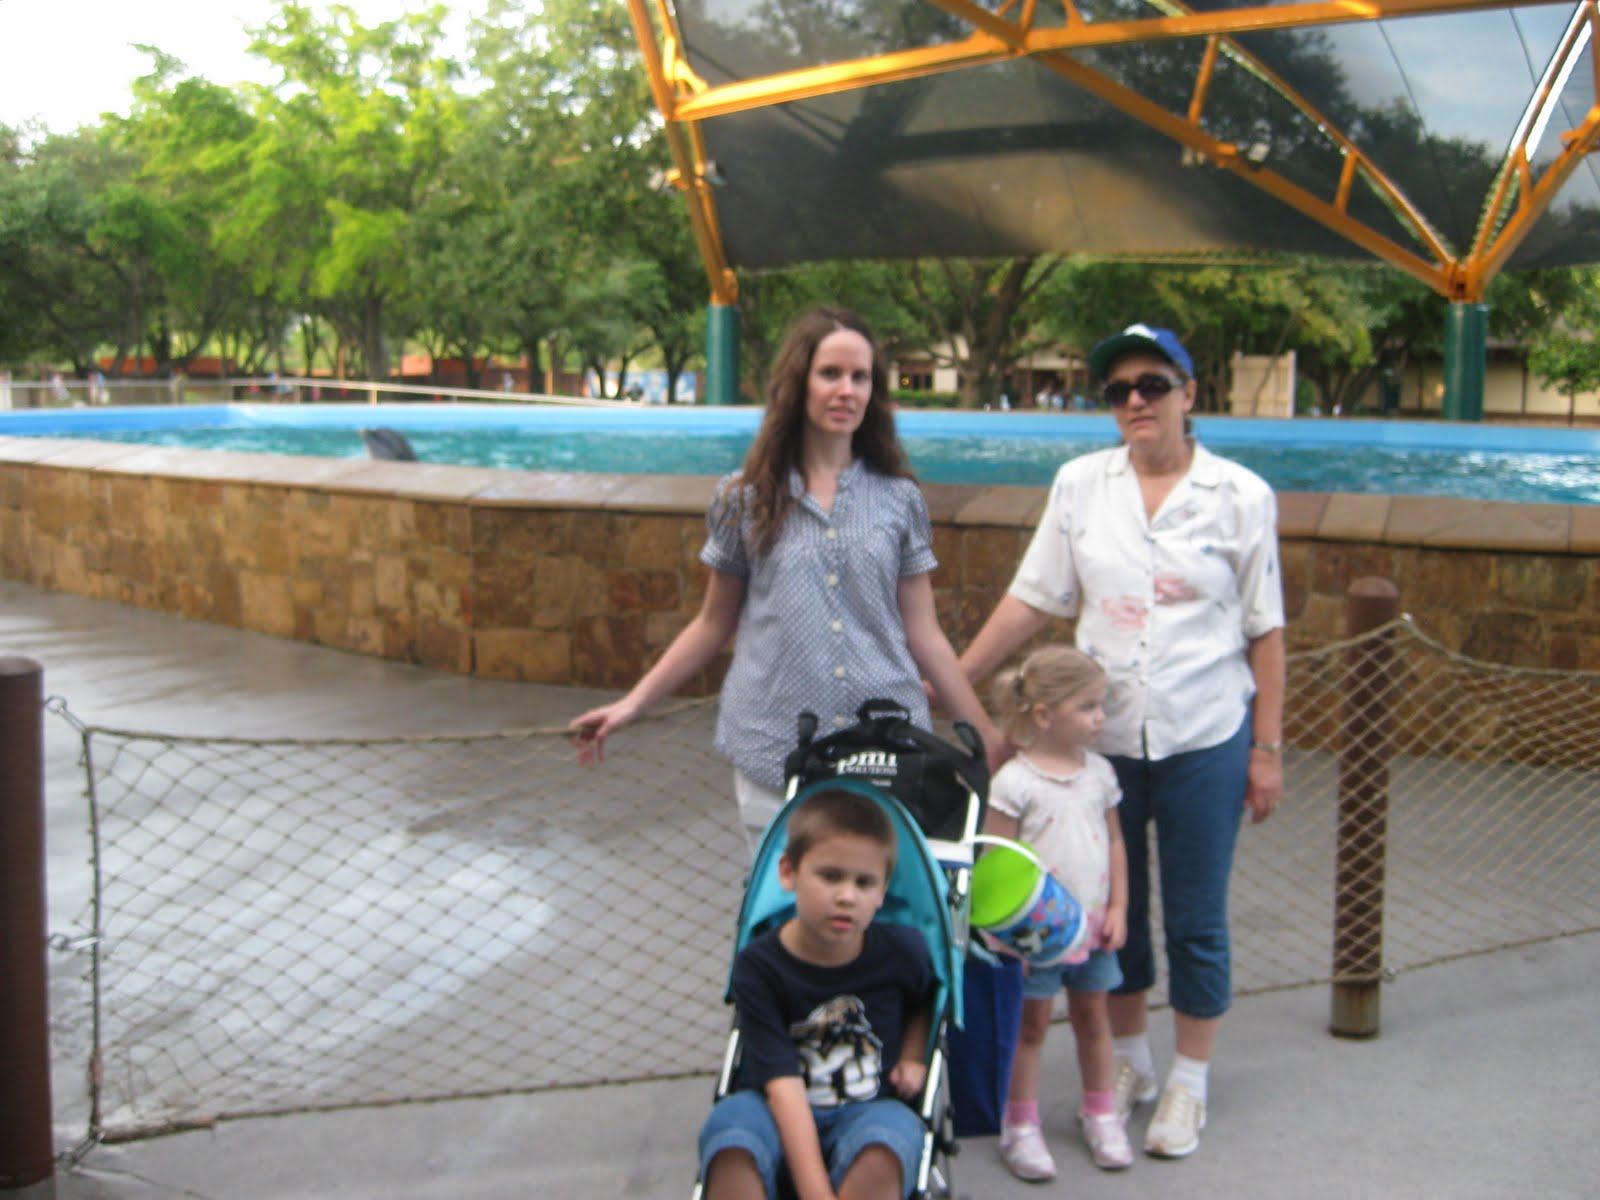 http://2.bp.blogspot.com/_uX-j7o_r3d0/TEp5YH_dreI/AAAAAAAAAMo/aW2KgGhT0A0/s1600/dolphin.jpg